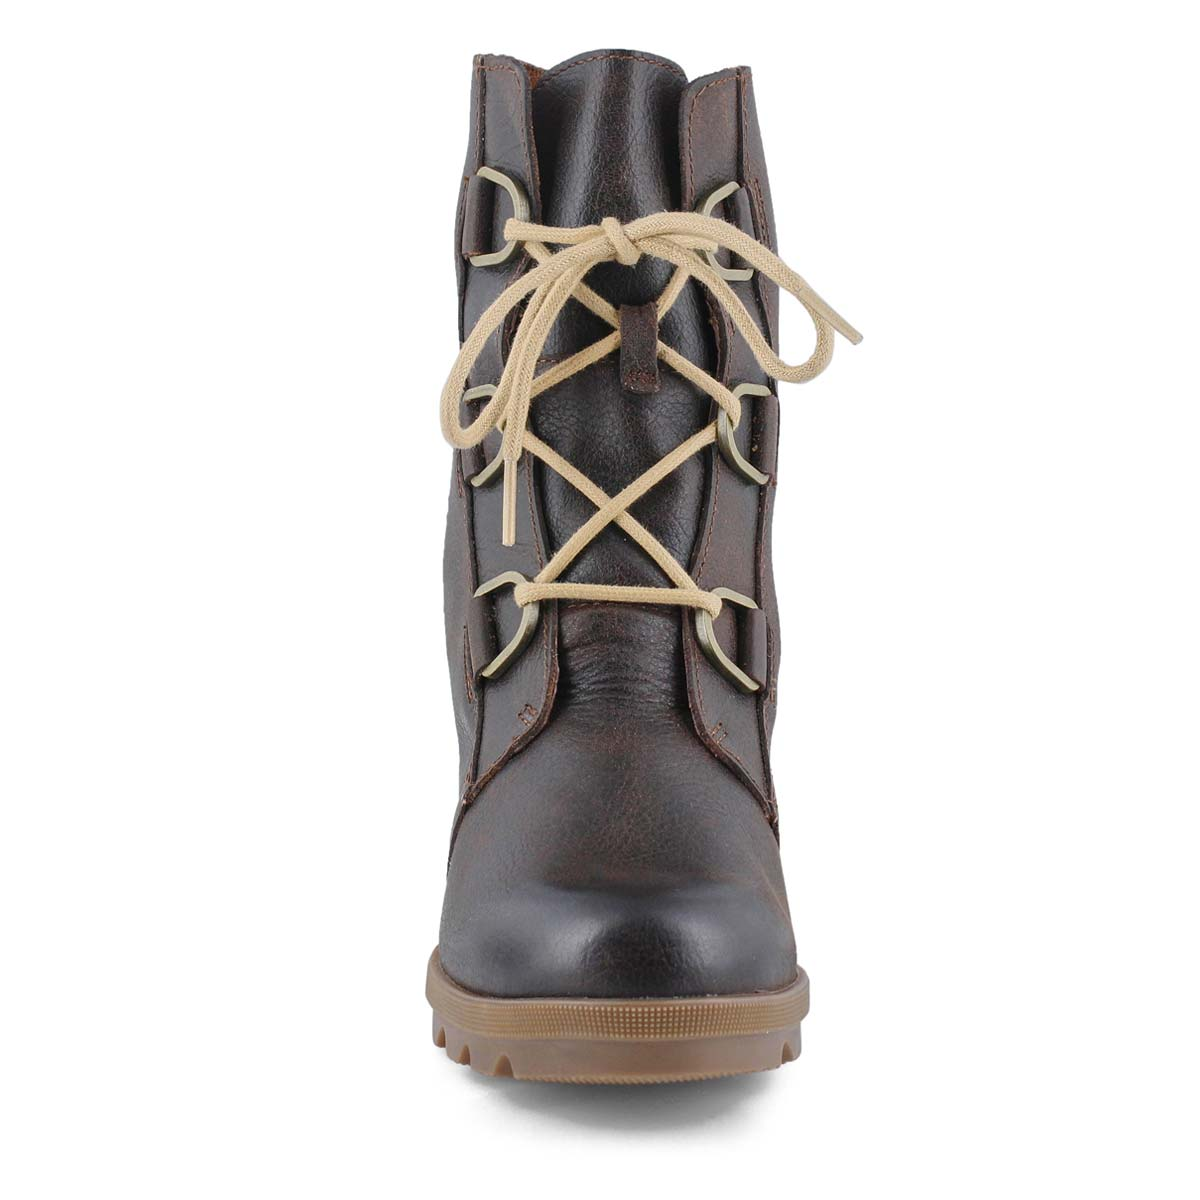 Lds JoanOfArcticWedgeII burro wtpf boot